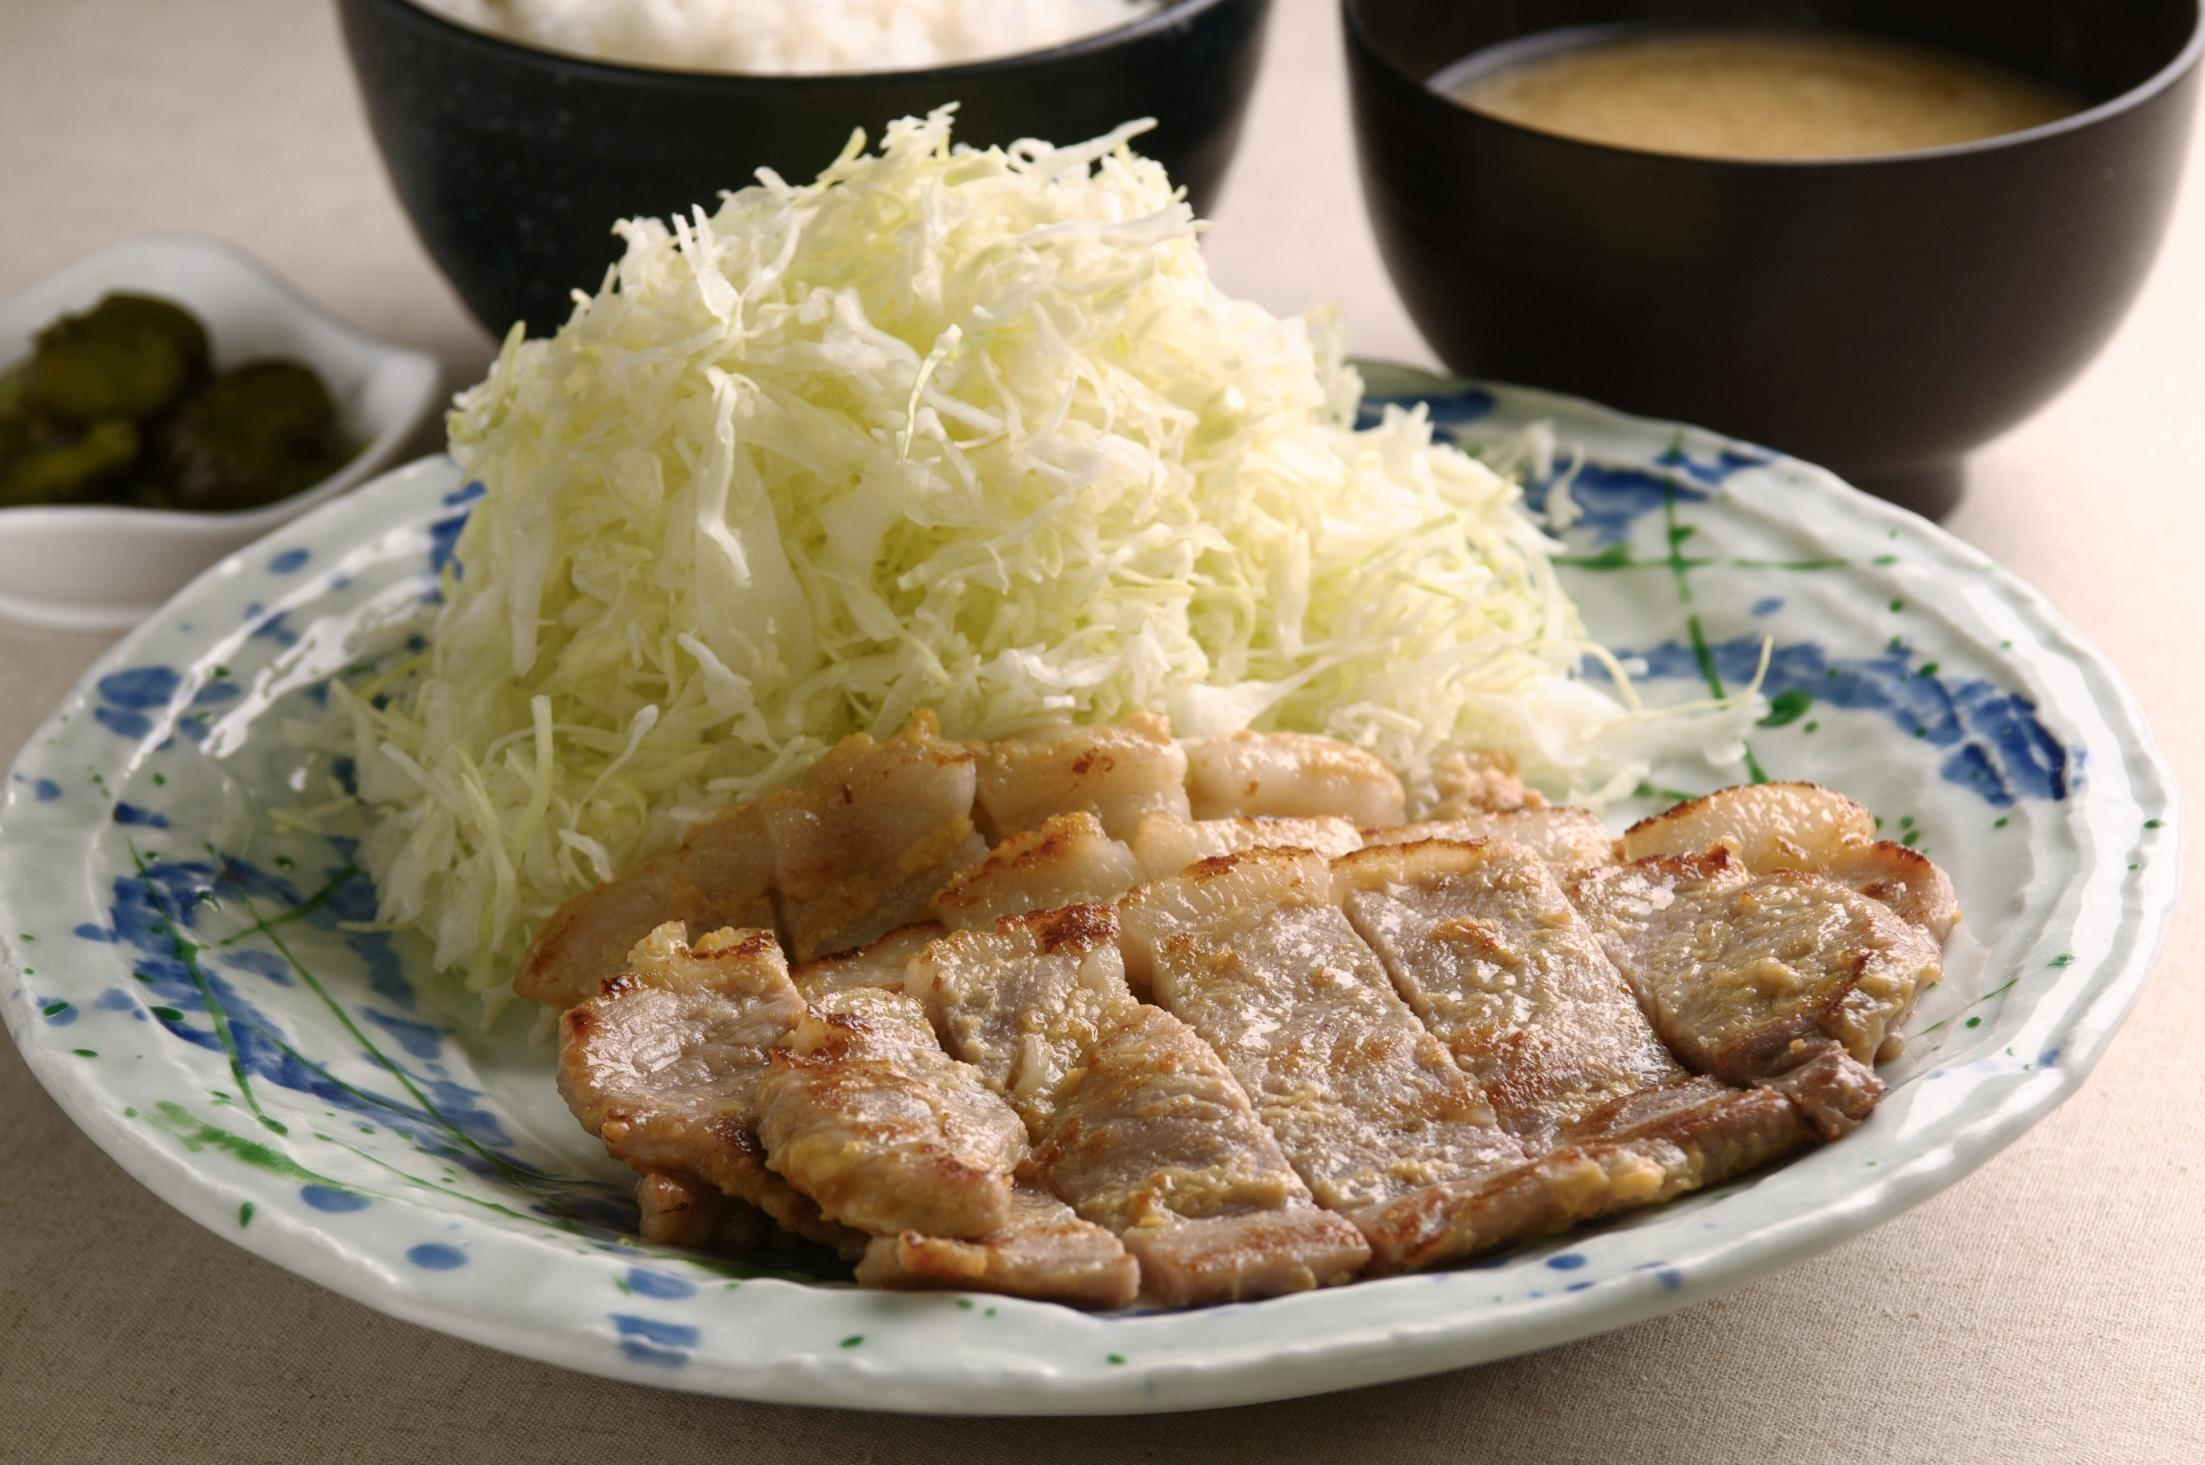 第3位「白金豚の味噌漬定食」のイメージ画像